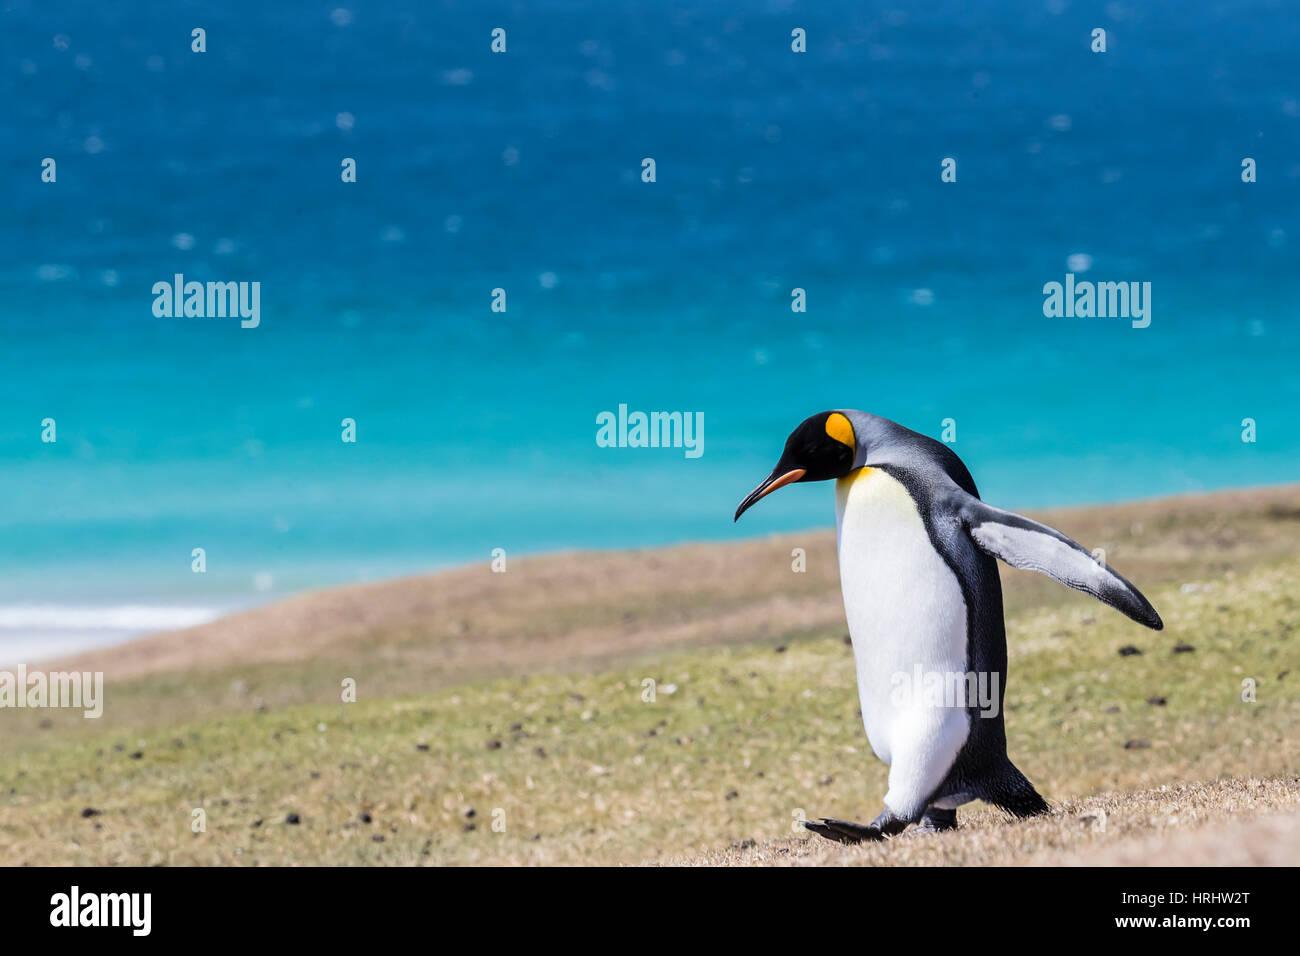 King penguin adultes (Aptenodytes patagonicus) sur les pentes herbeuses de l'Île Saunders, Îles Falkland Photo Stock